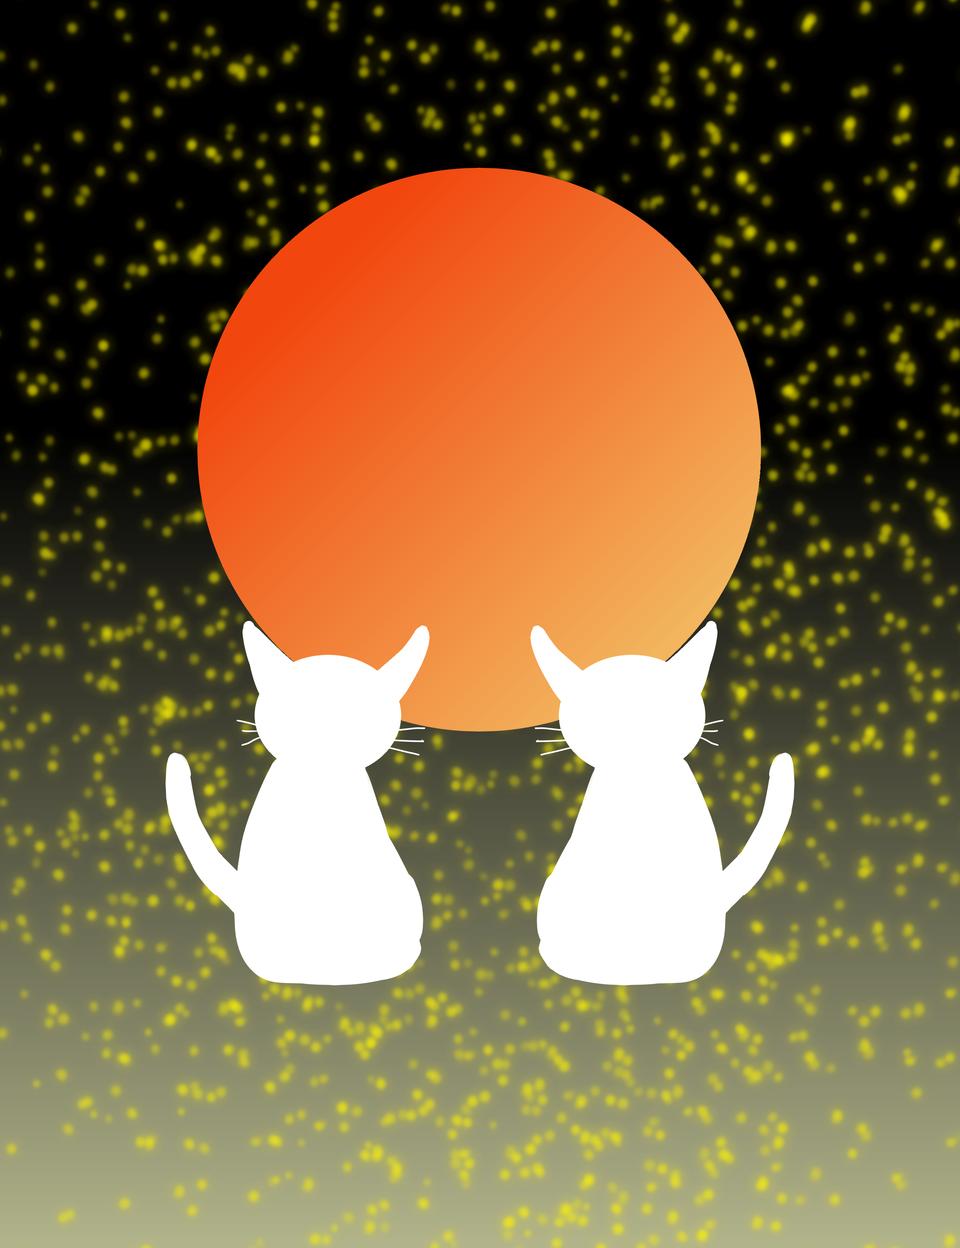 月への願い Illust of sanzame 夜空 cat silhouette キラキラ moon star